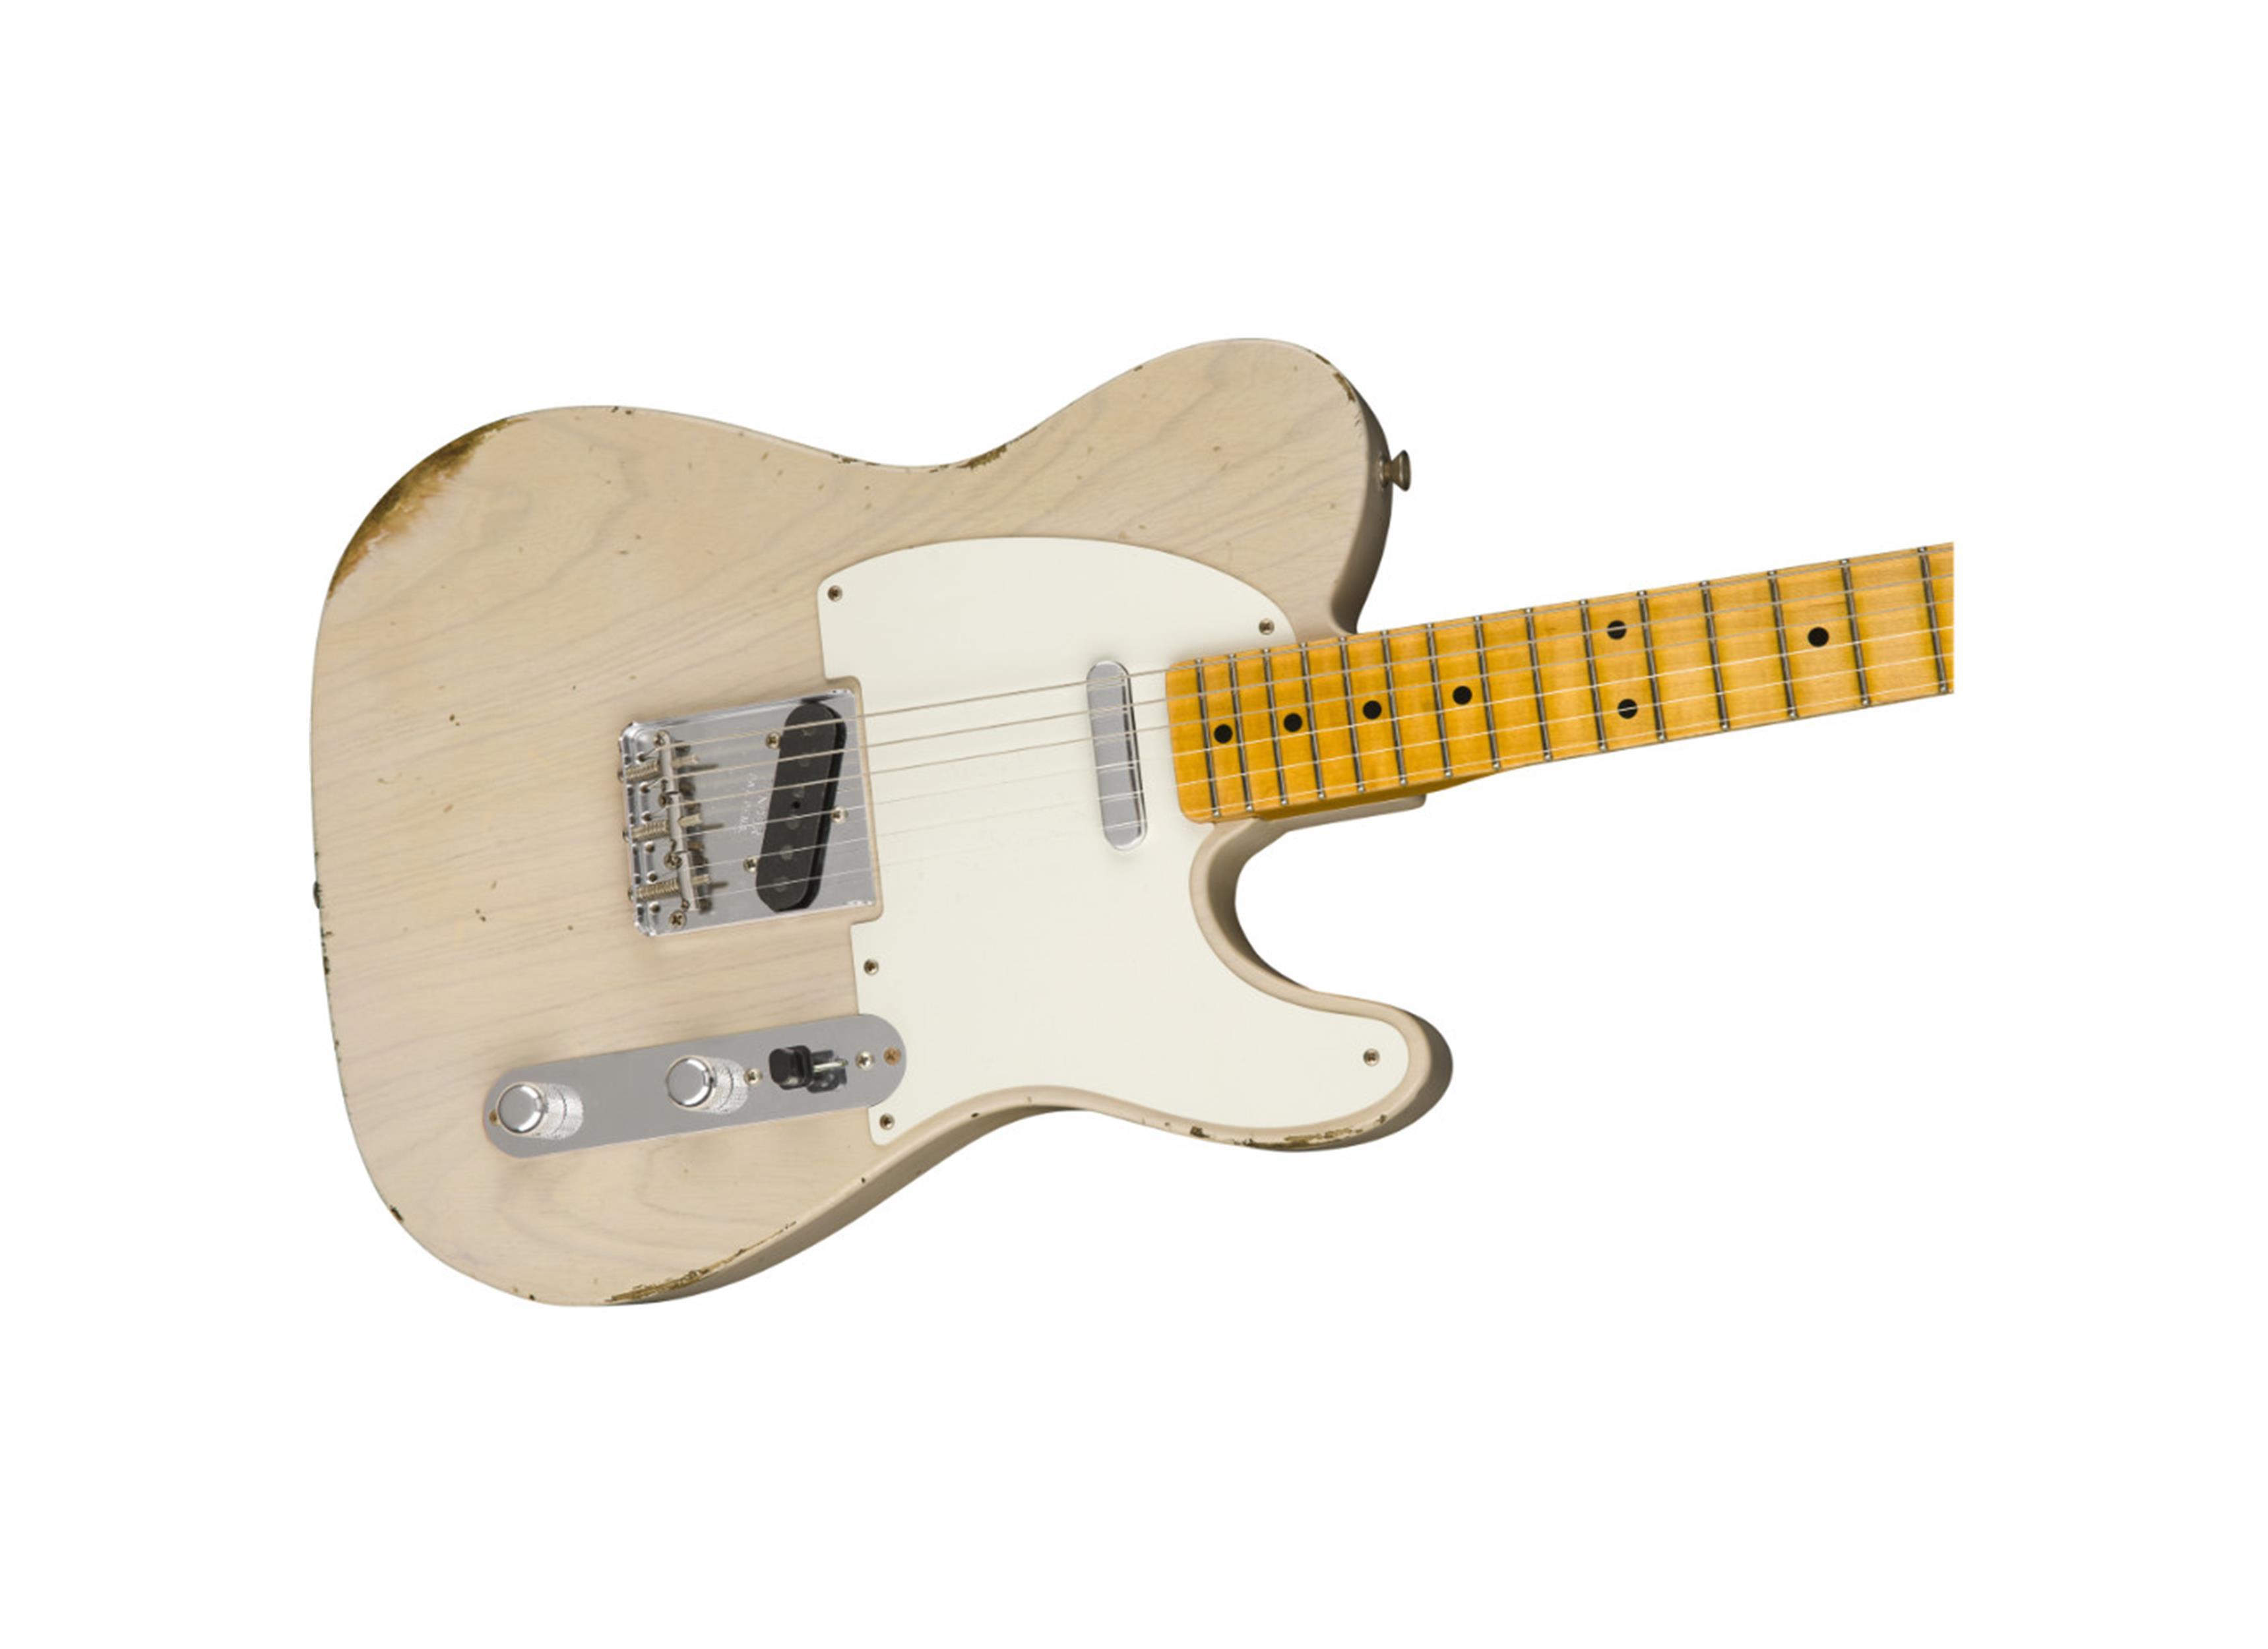 FENDER CUSTOM SHOP 1954 Telecaster Relic MN Aged White Blonde  9235000526